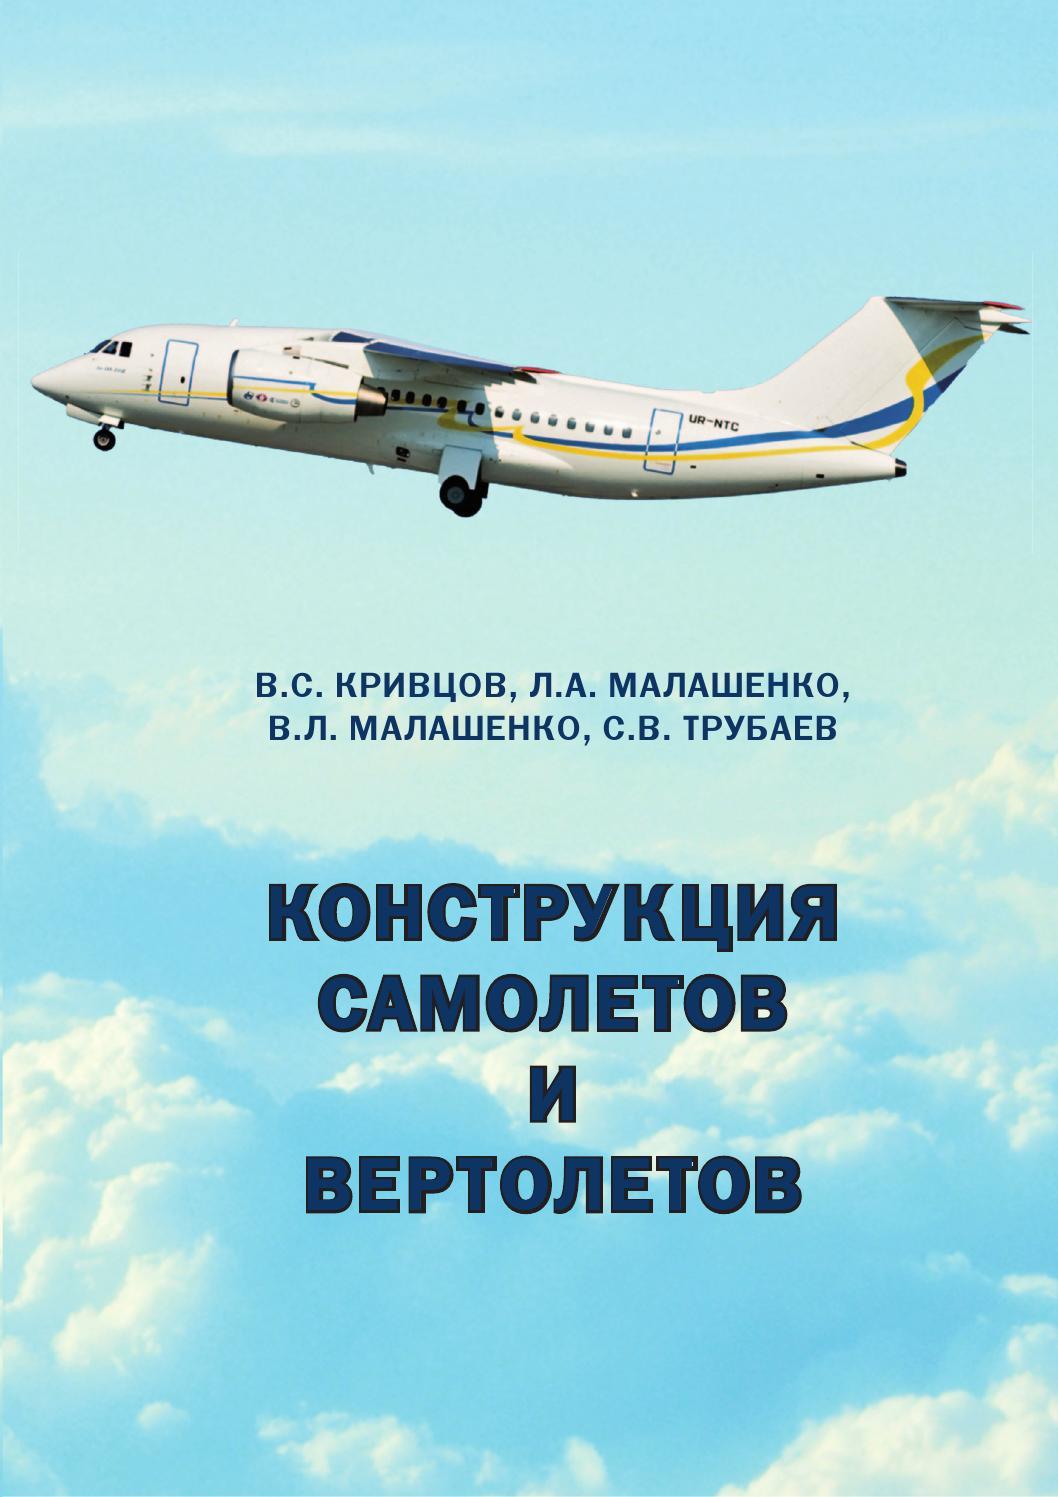 Классификация самолетов и вертолетов